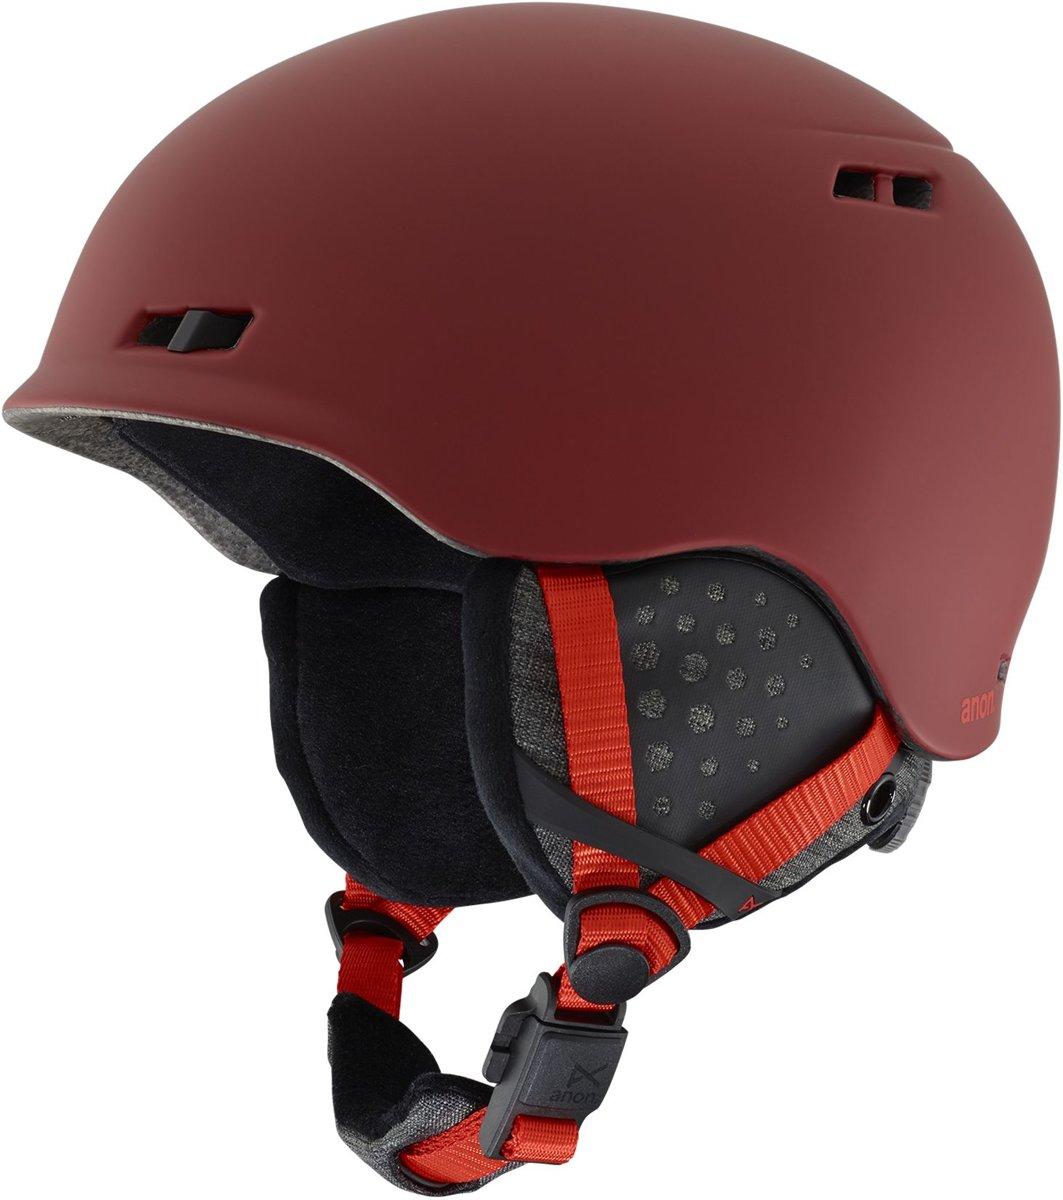 Anon Rodan helm kopen